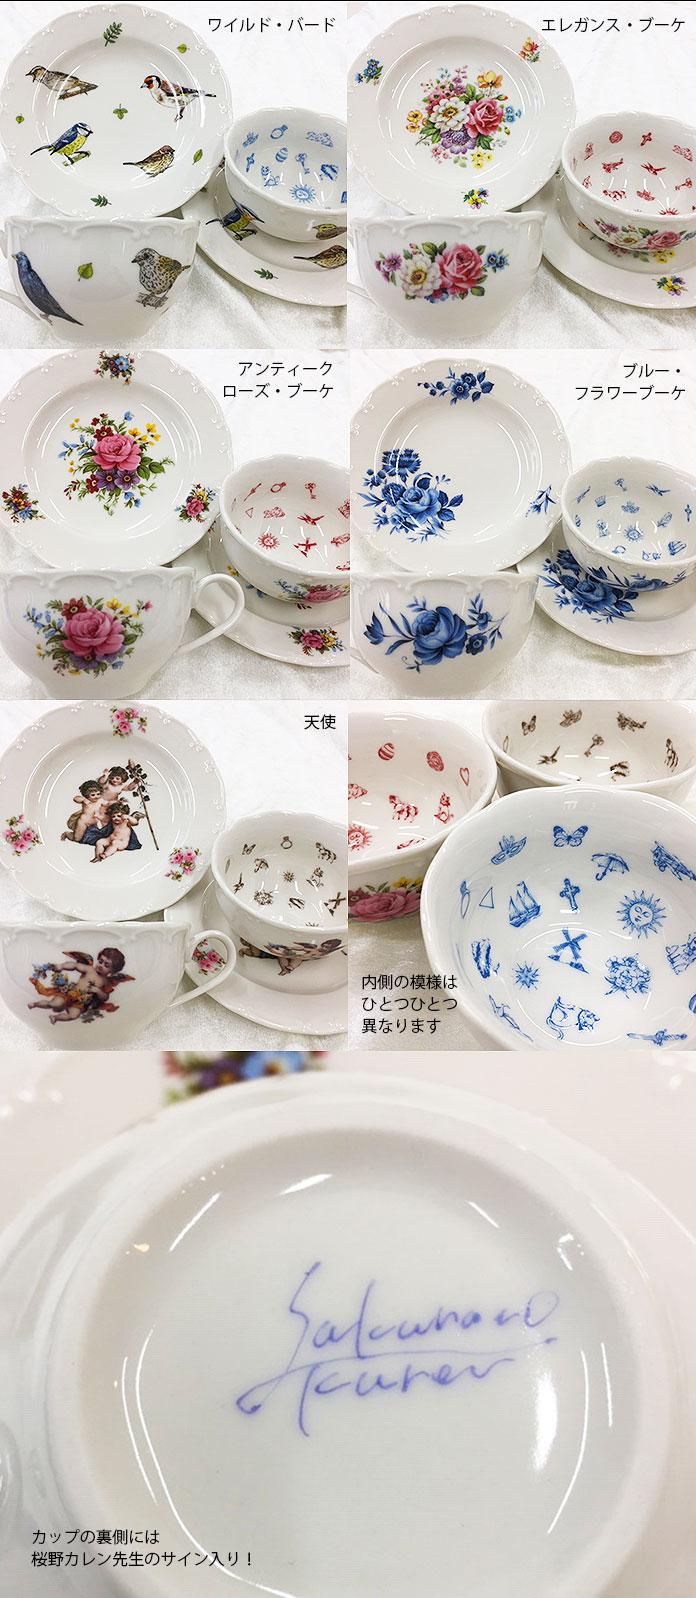 【12/22(土)14:00~】桜野カレンの紅茶占い <Fortune Telling ティータイム>